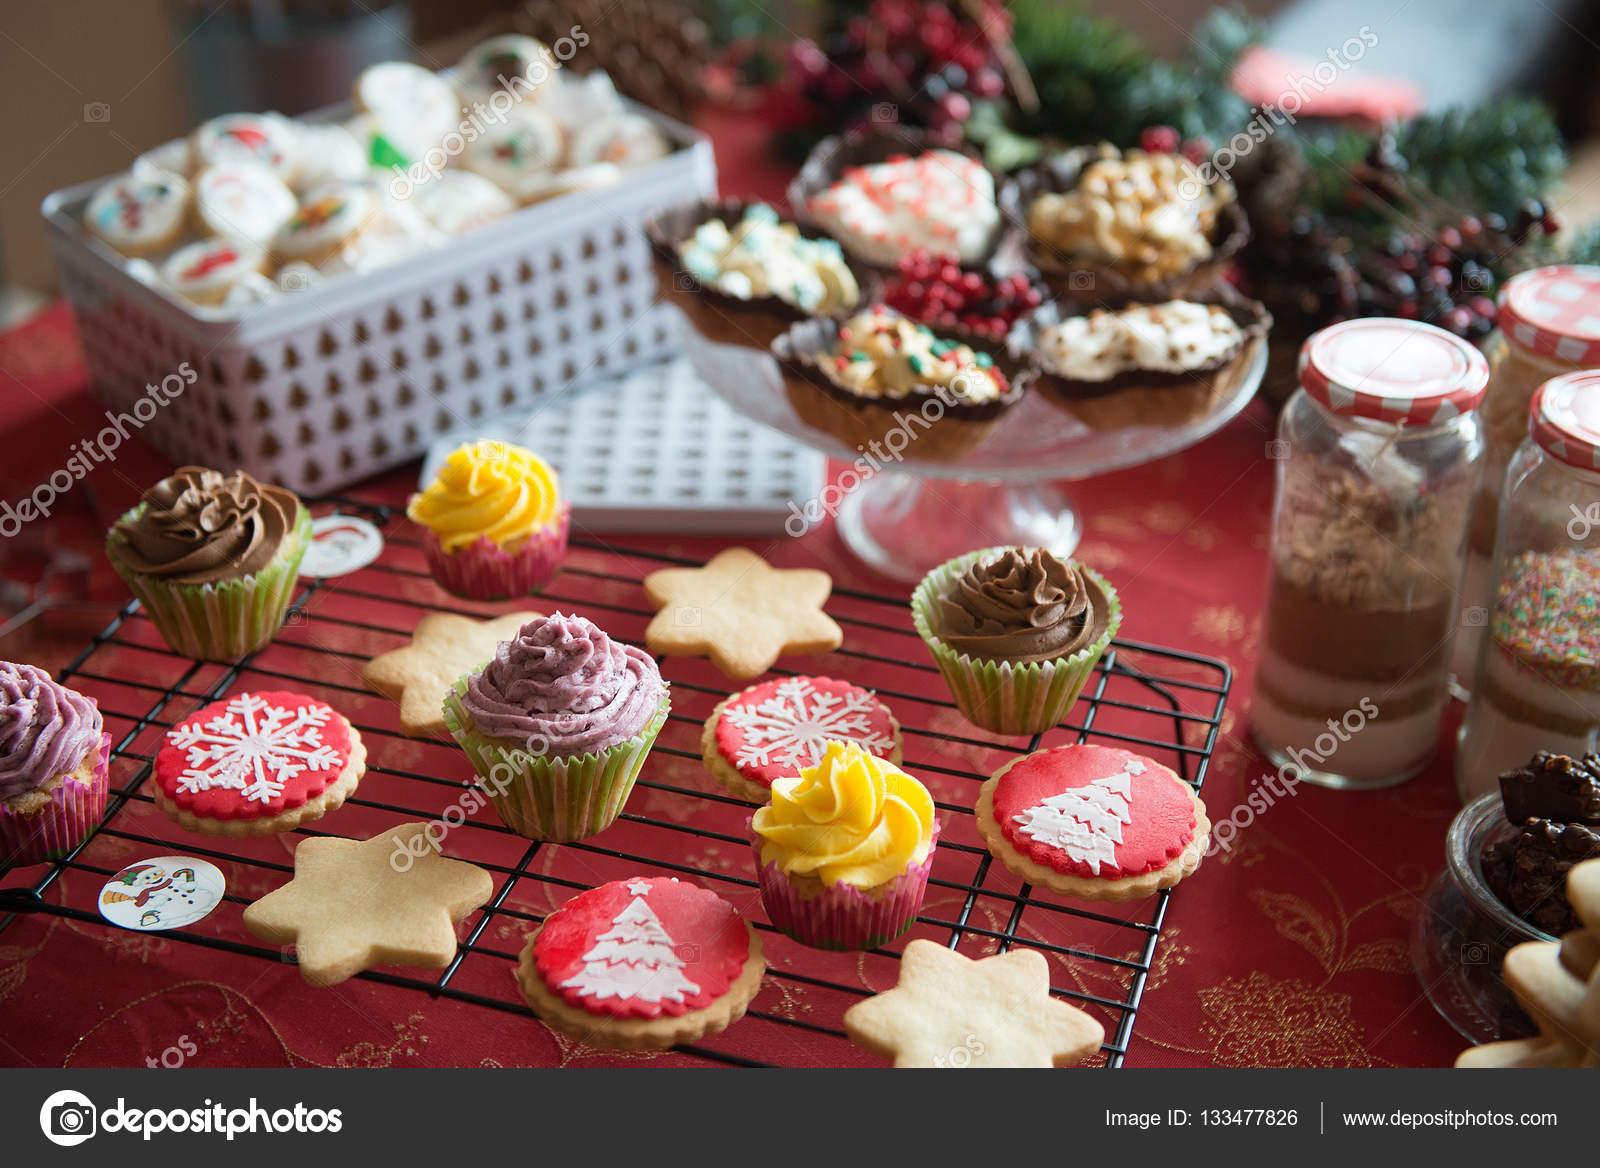 Muffins Kuchen Sussigkeiten Und Bonbons Zu Weihnachten Stockfoto